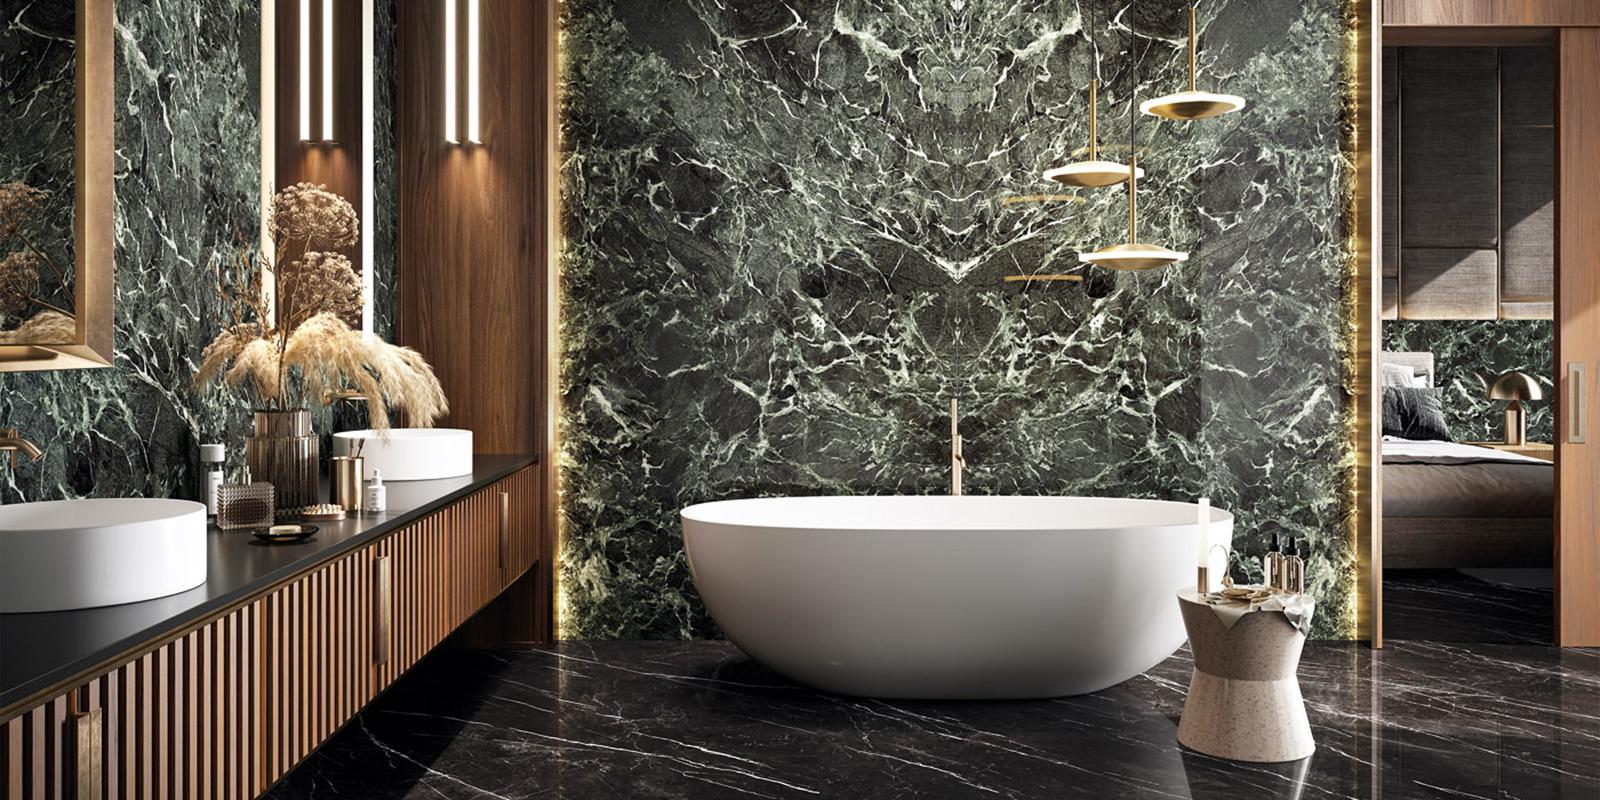 Grandi lastre effetto marmo, una scelta moderna di arredo